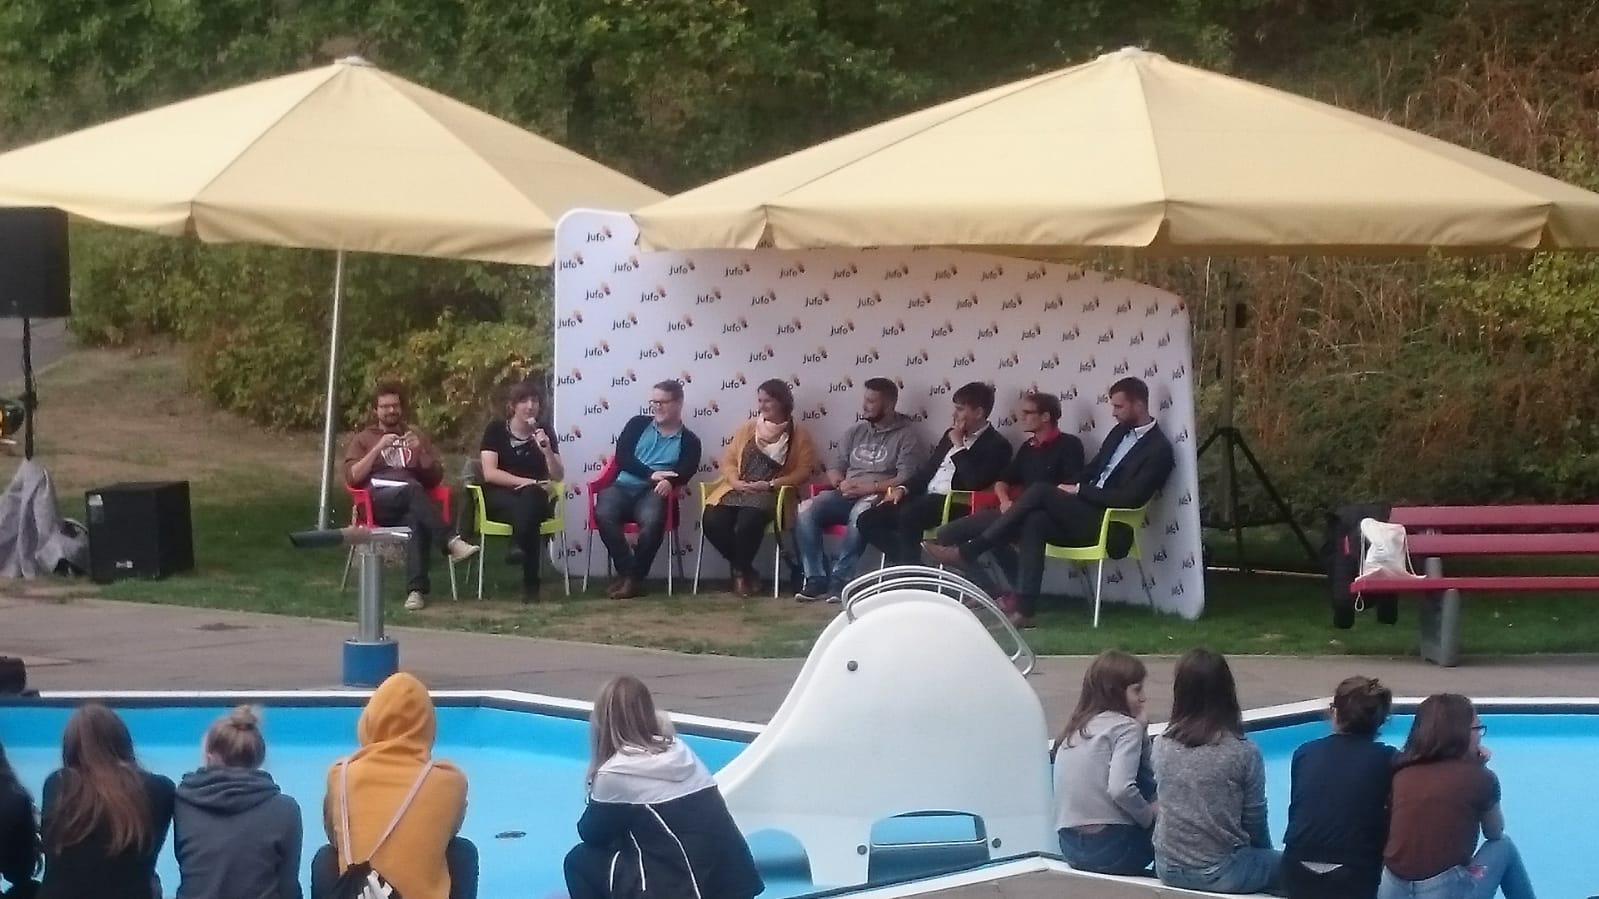 Podiumsdiskussion im Schwimmbad – auch mal eine Erfahrung wert!